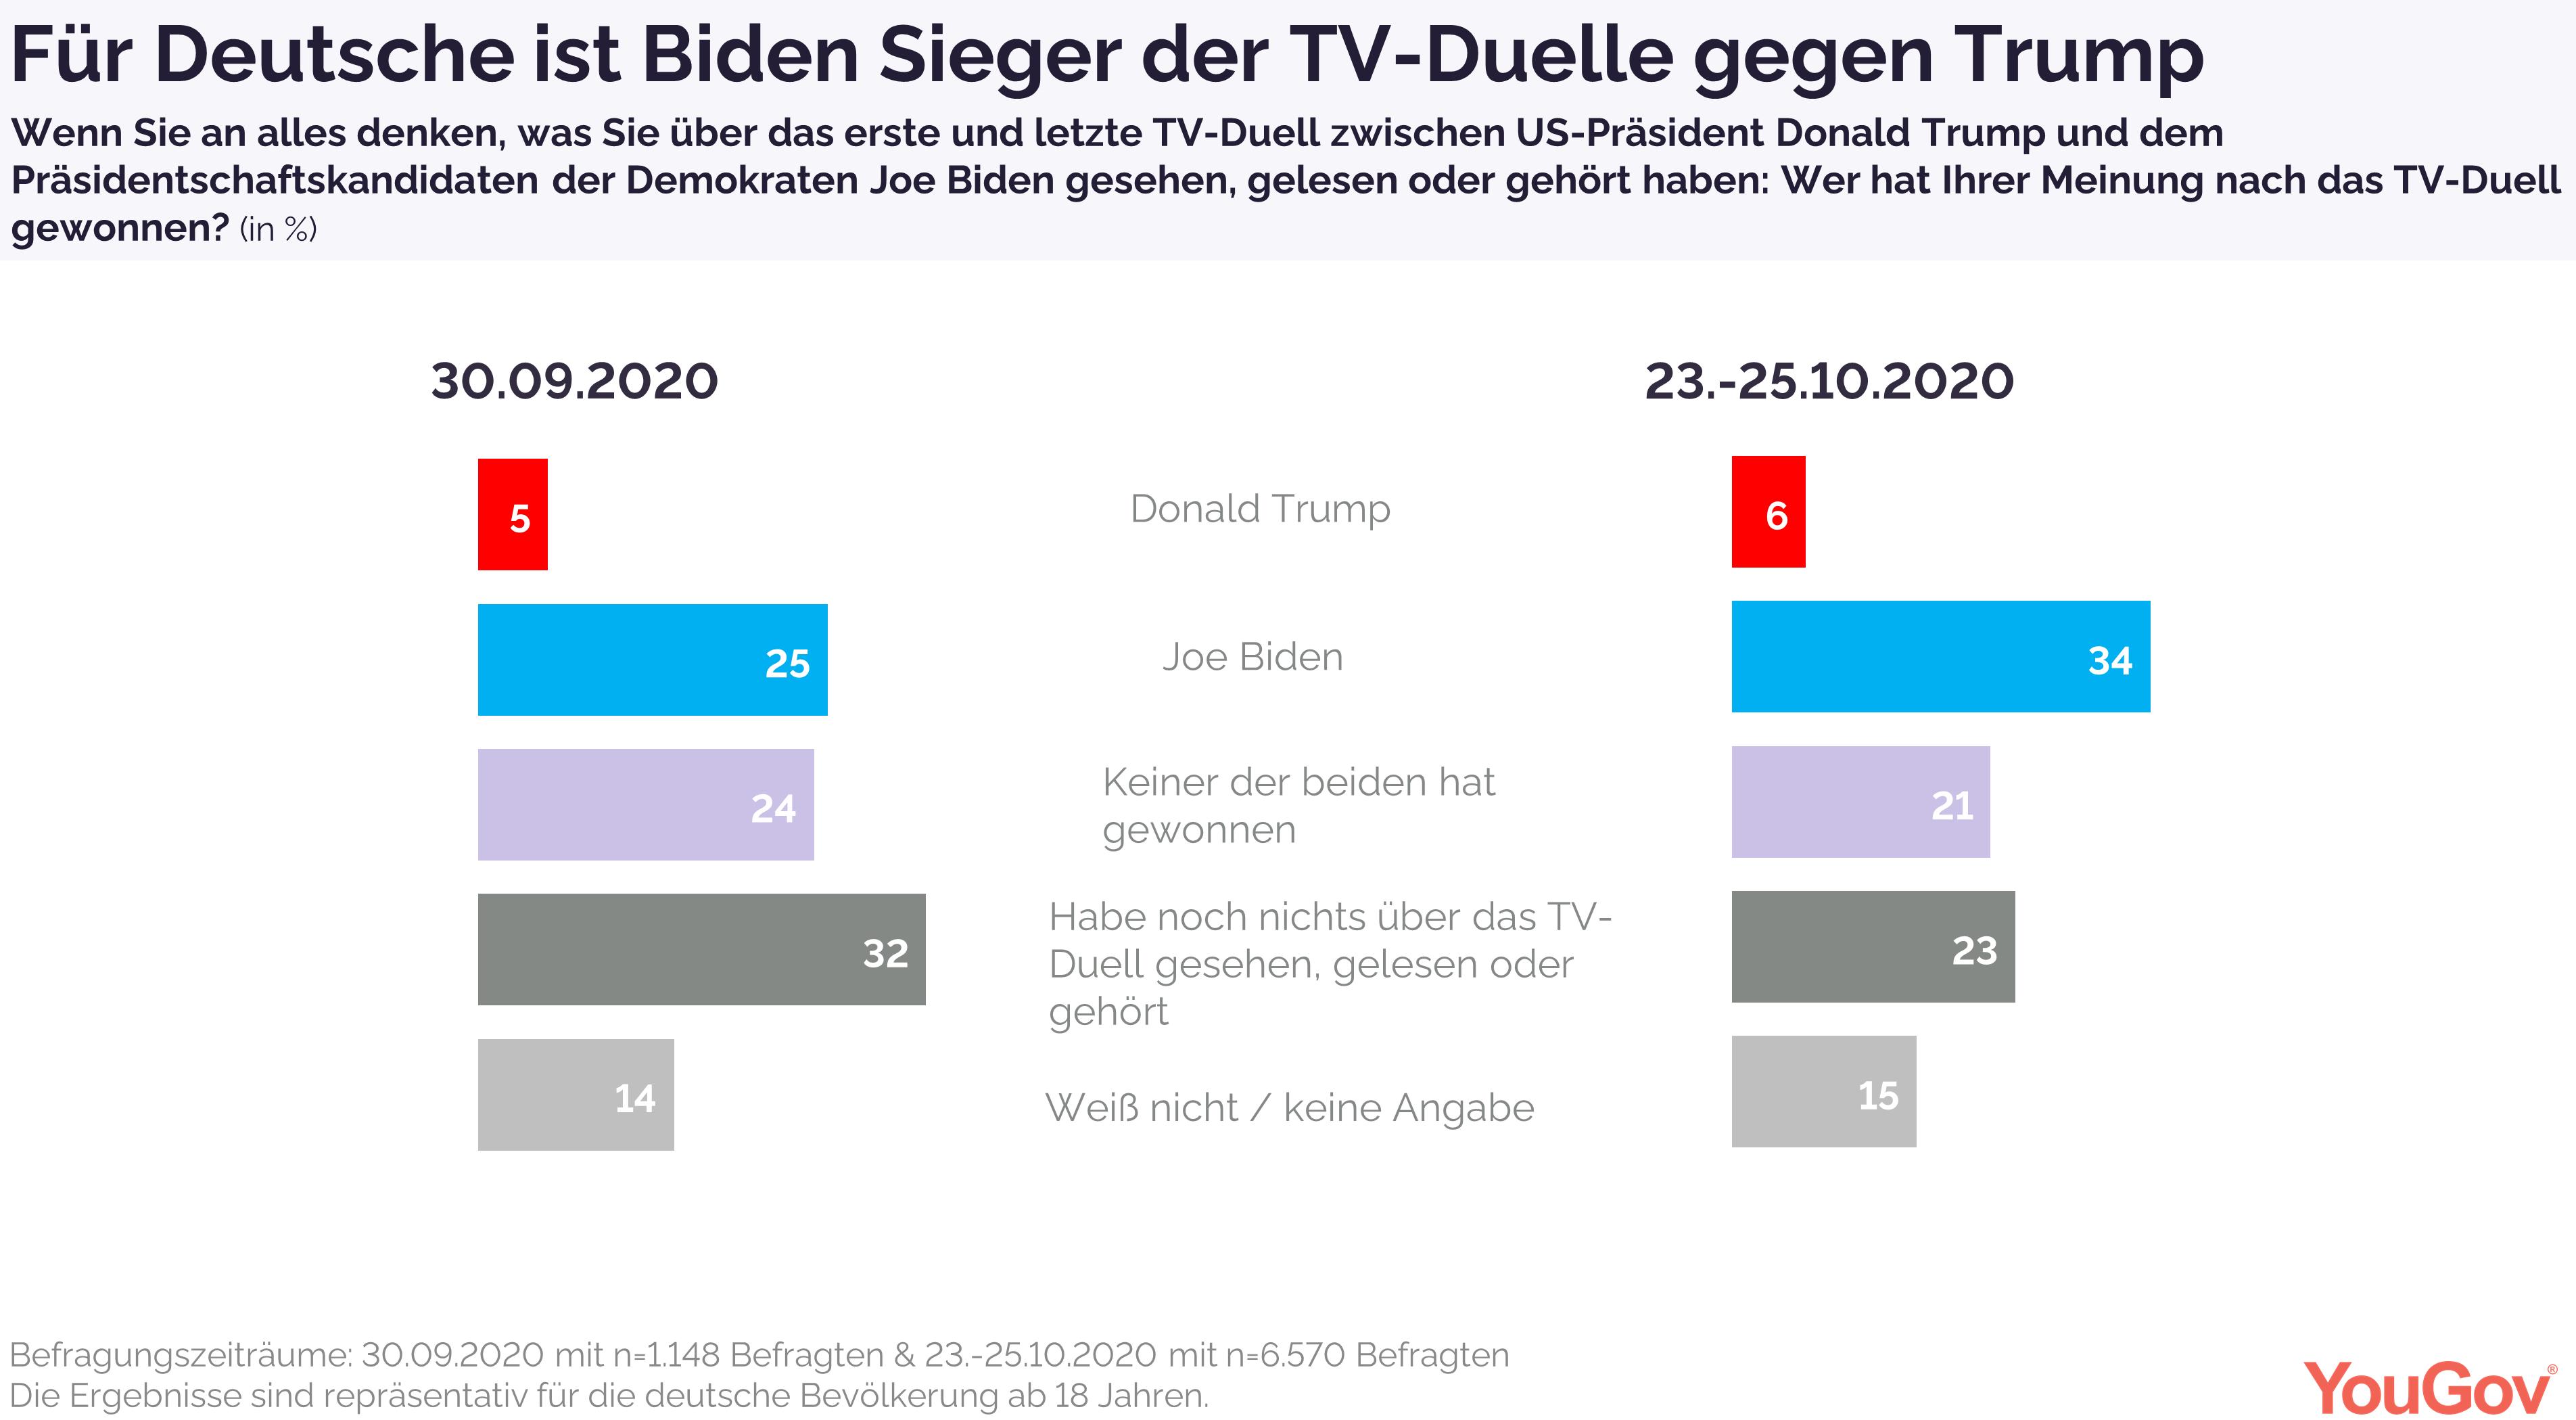 Für Deutsche ist Biden Sieger der TV-Duelle